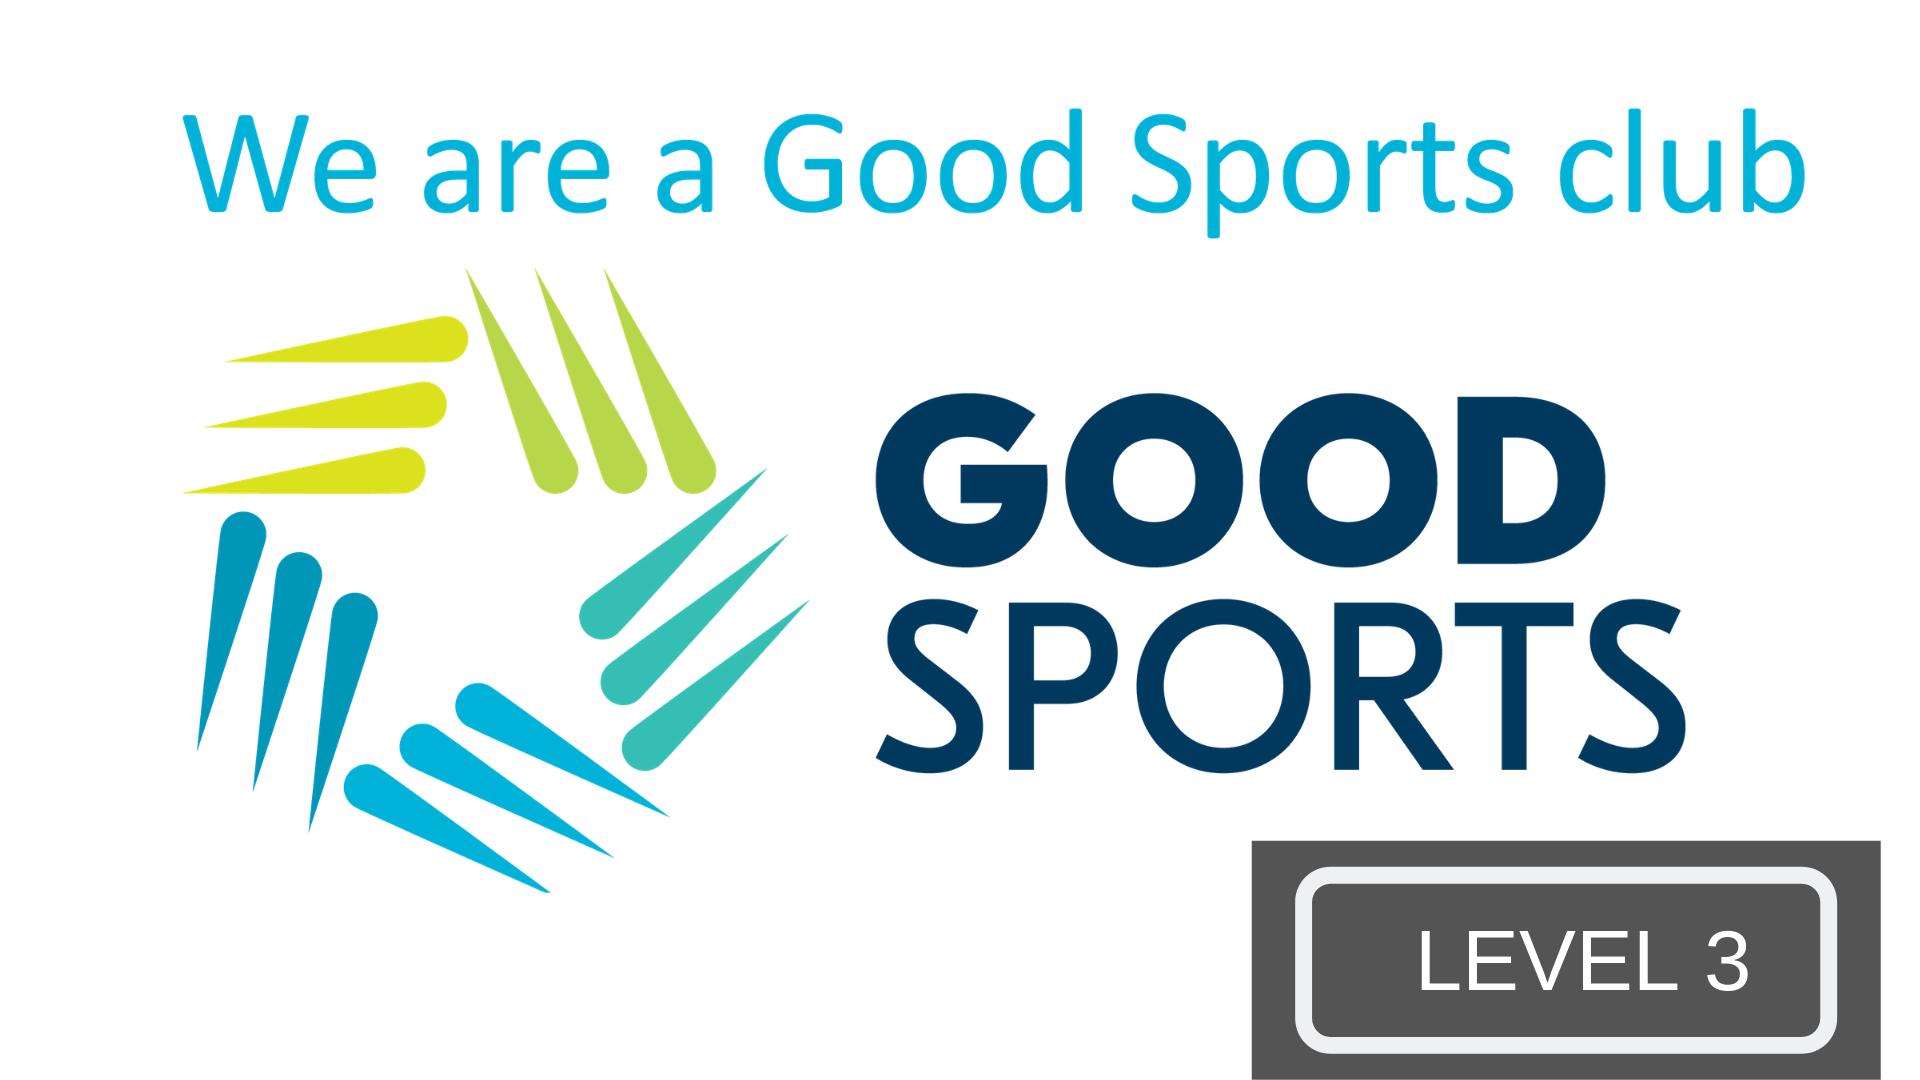 LEVEL 3 good sports image